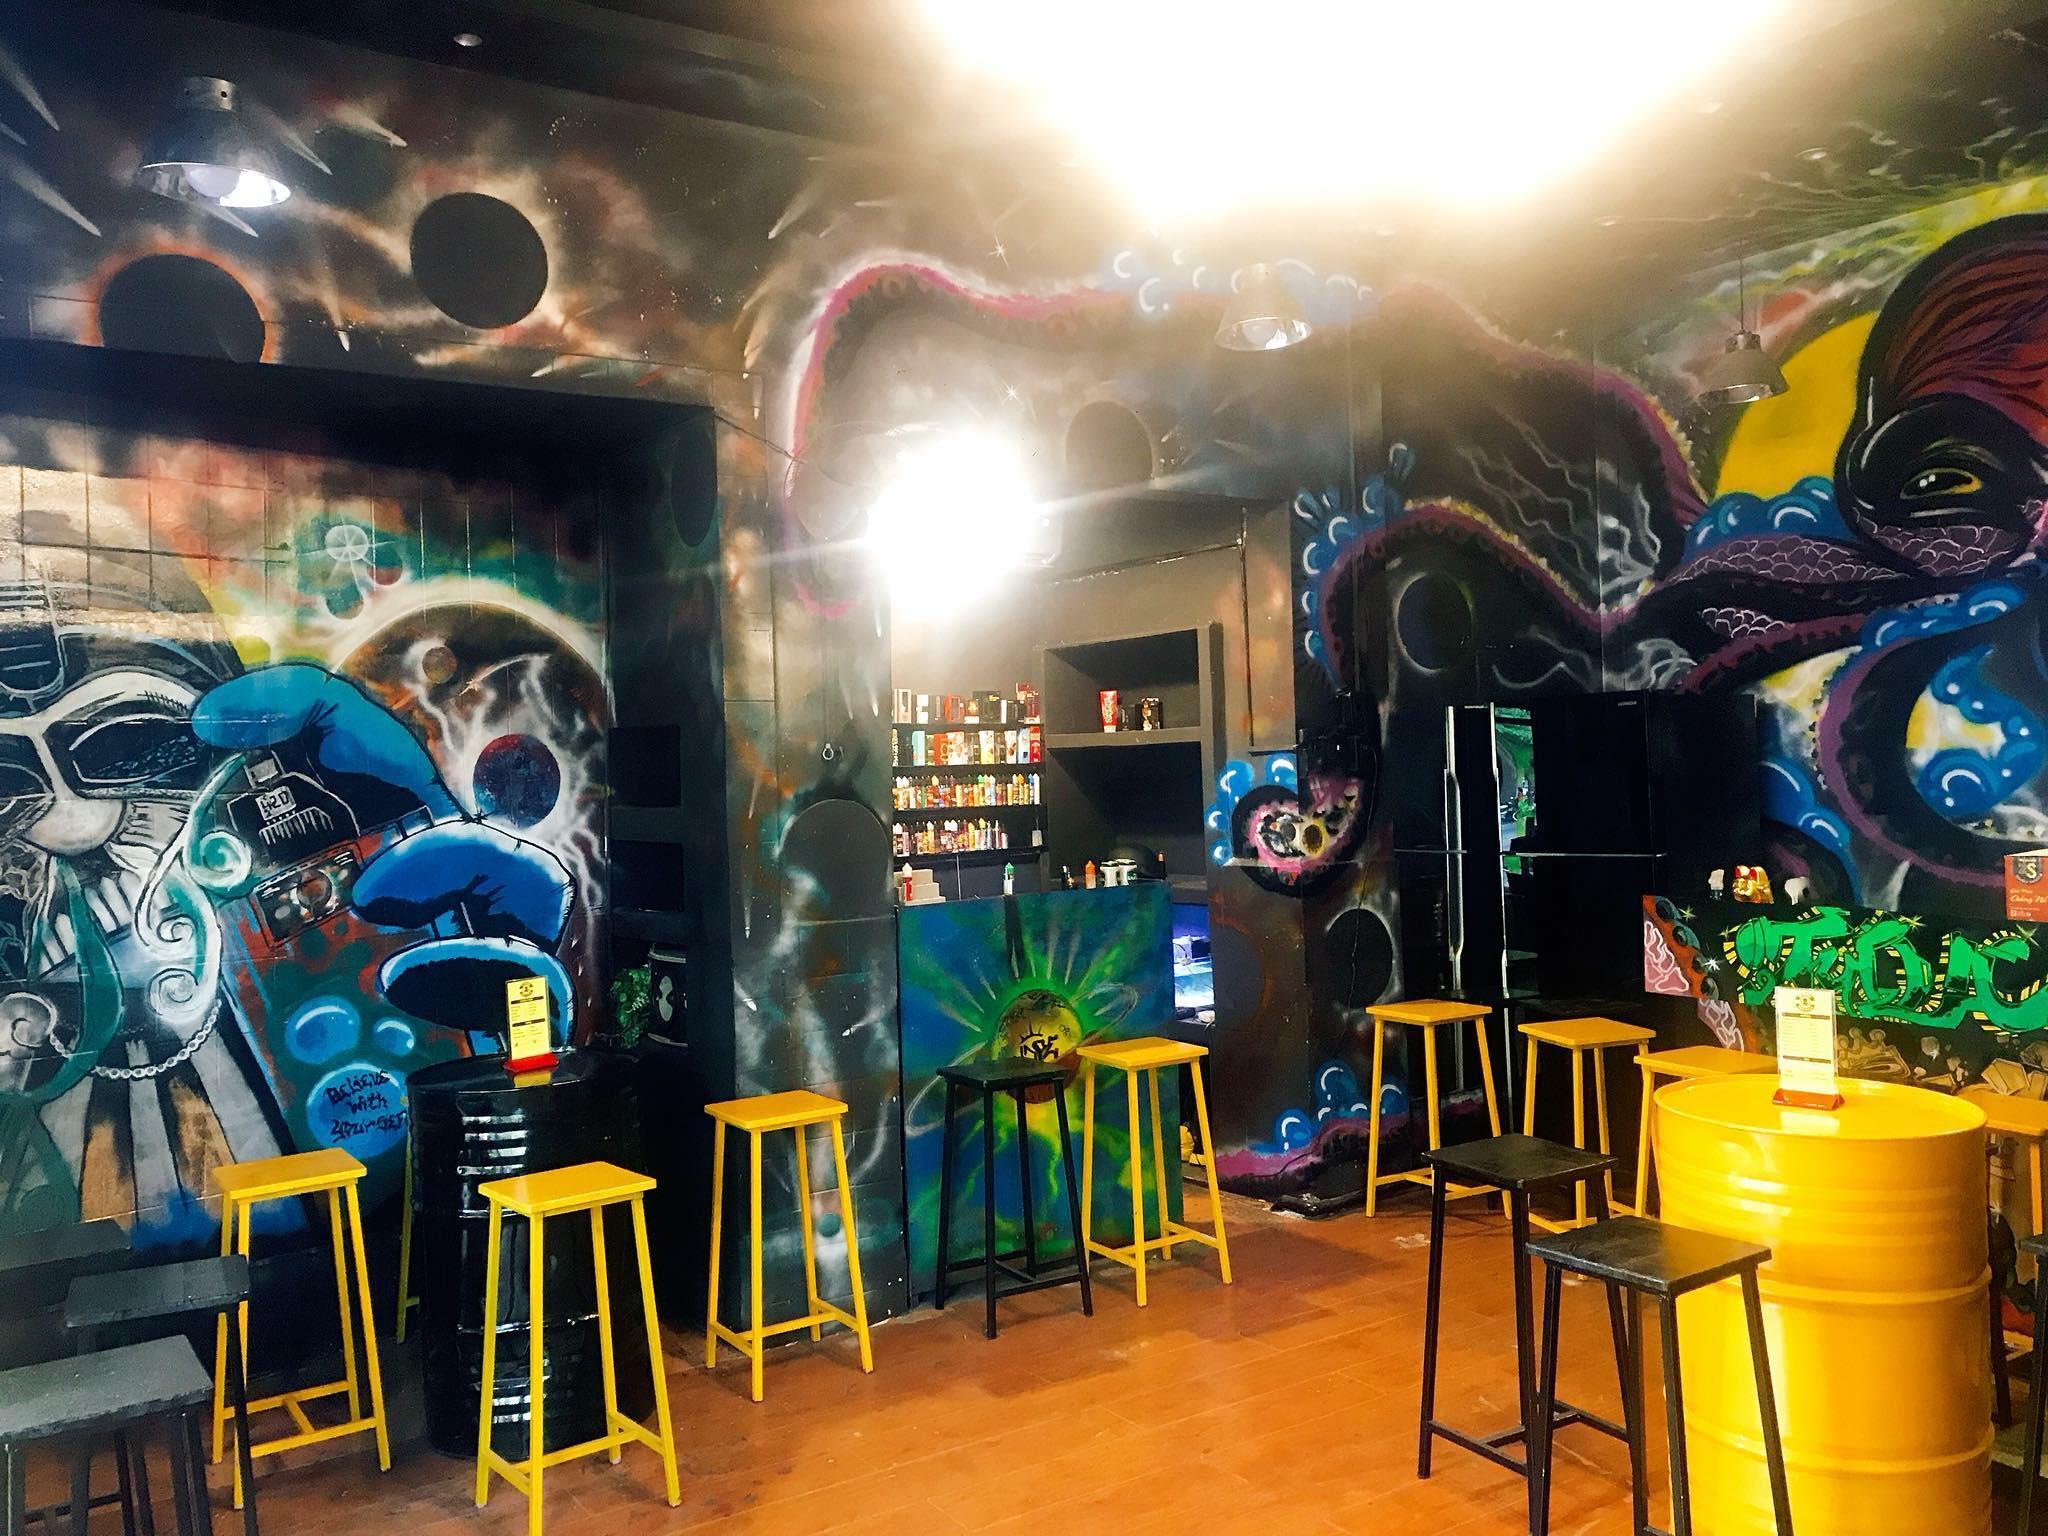 Là quán pub tại Tuy Hòa được trang trí bởi các bức grafiti đường phố